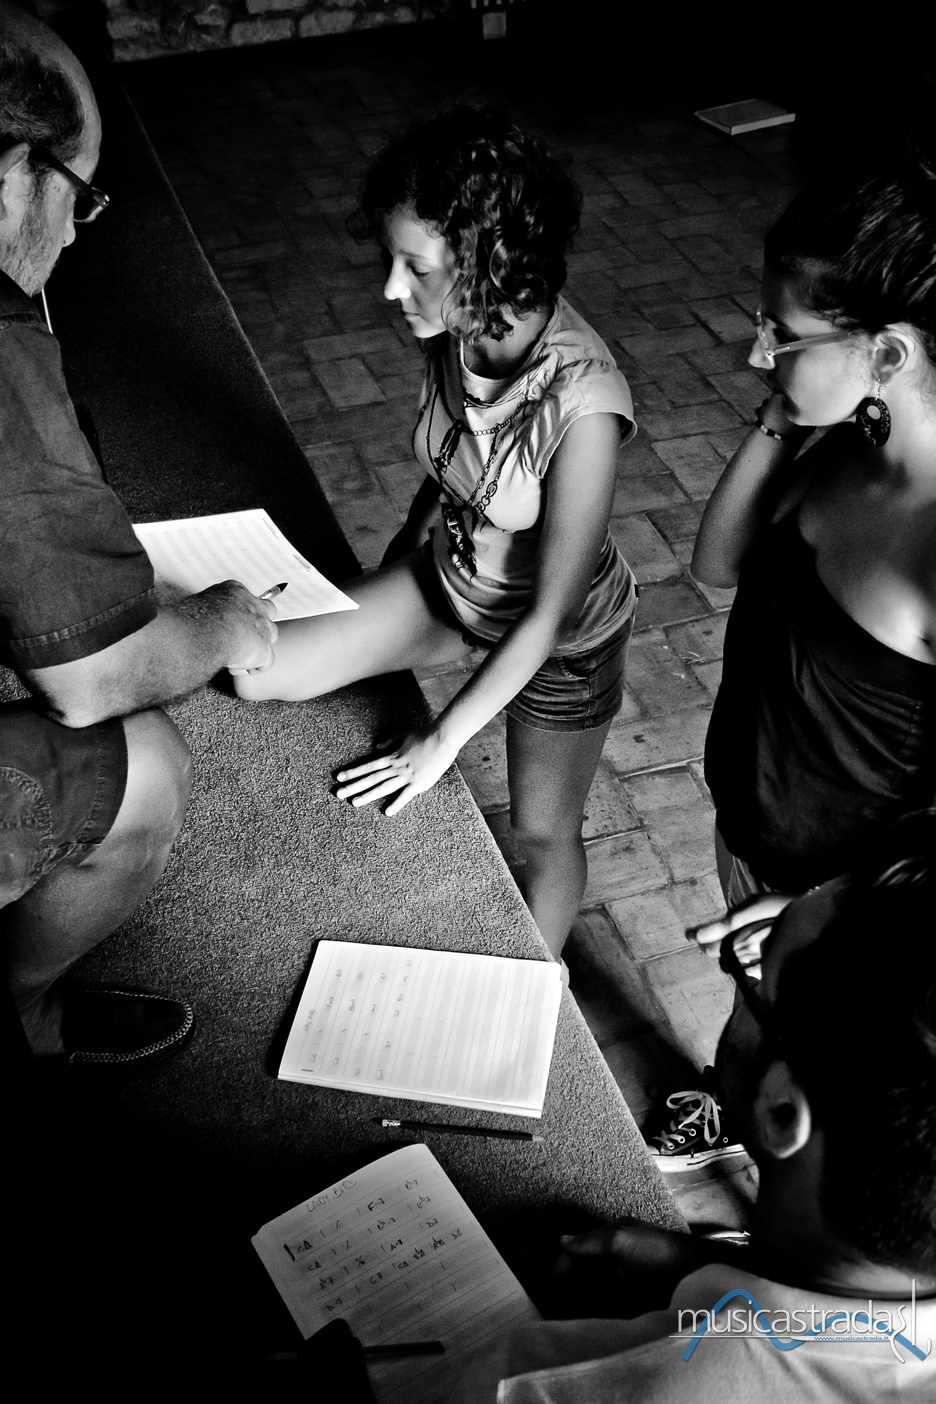 massimo_daddi_lezionidimusica_musicastrada_fotografando_la_musica_2012_1